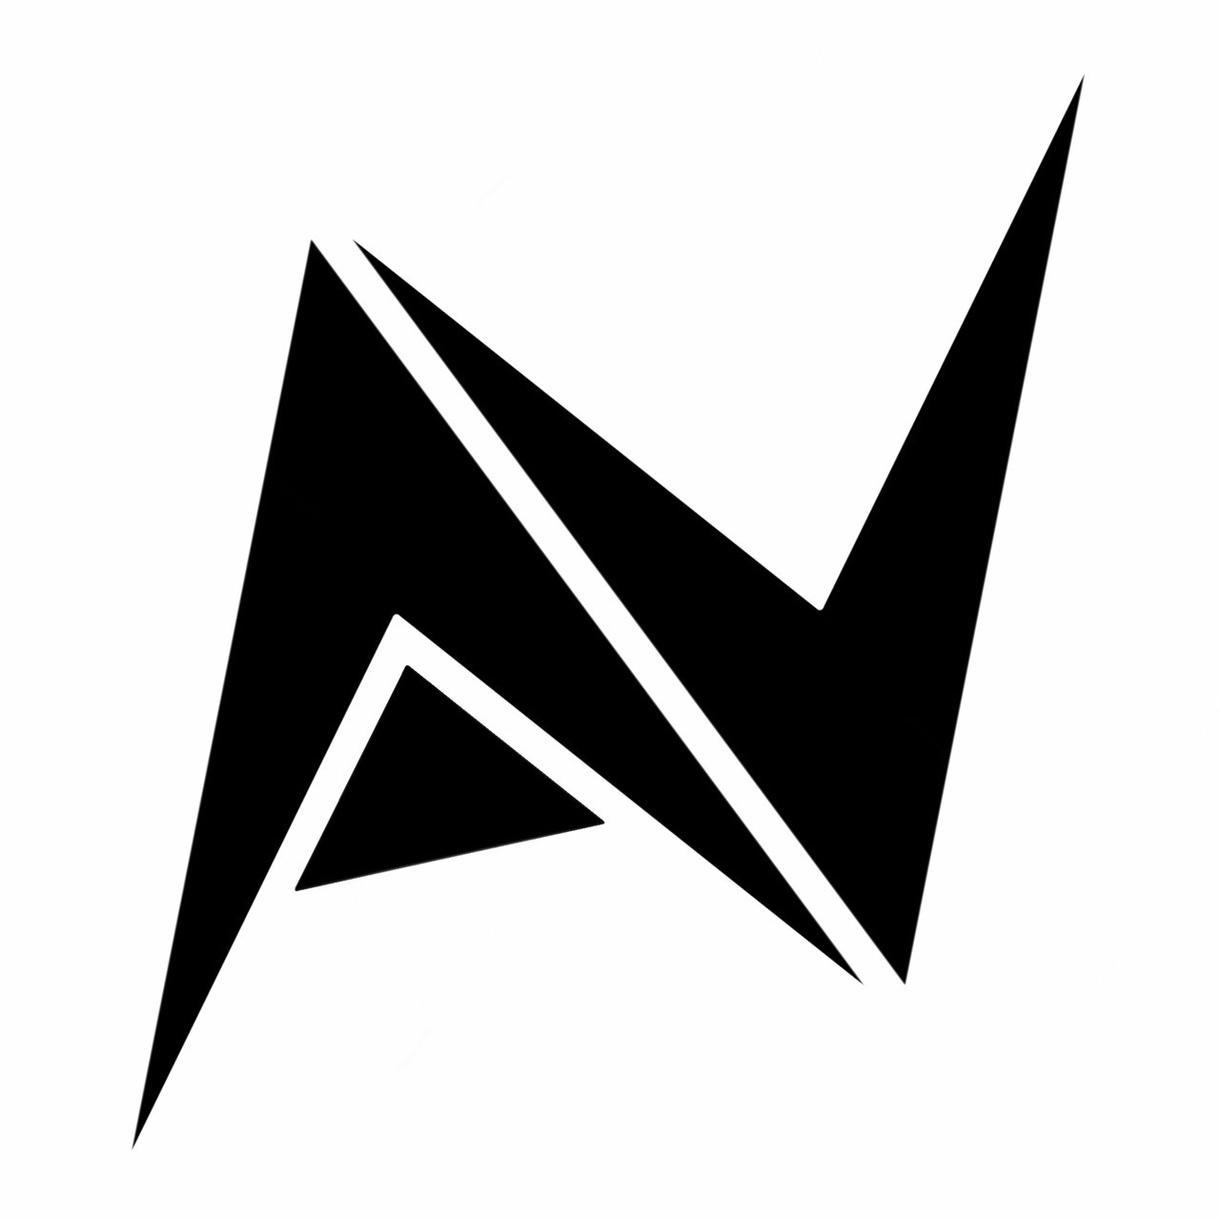 貴方のSNSのアイコン ロゴ作成します スピーディーかつ、ご希望に沿って加工など承ります。